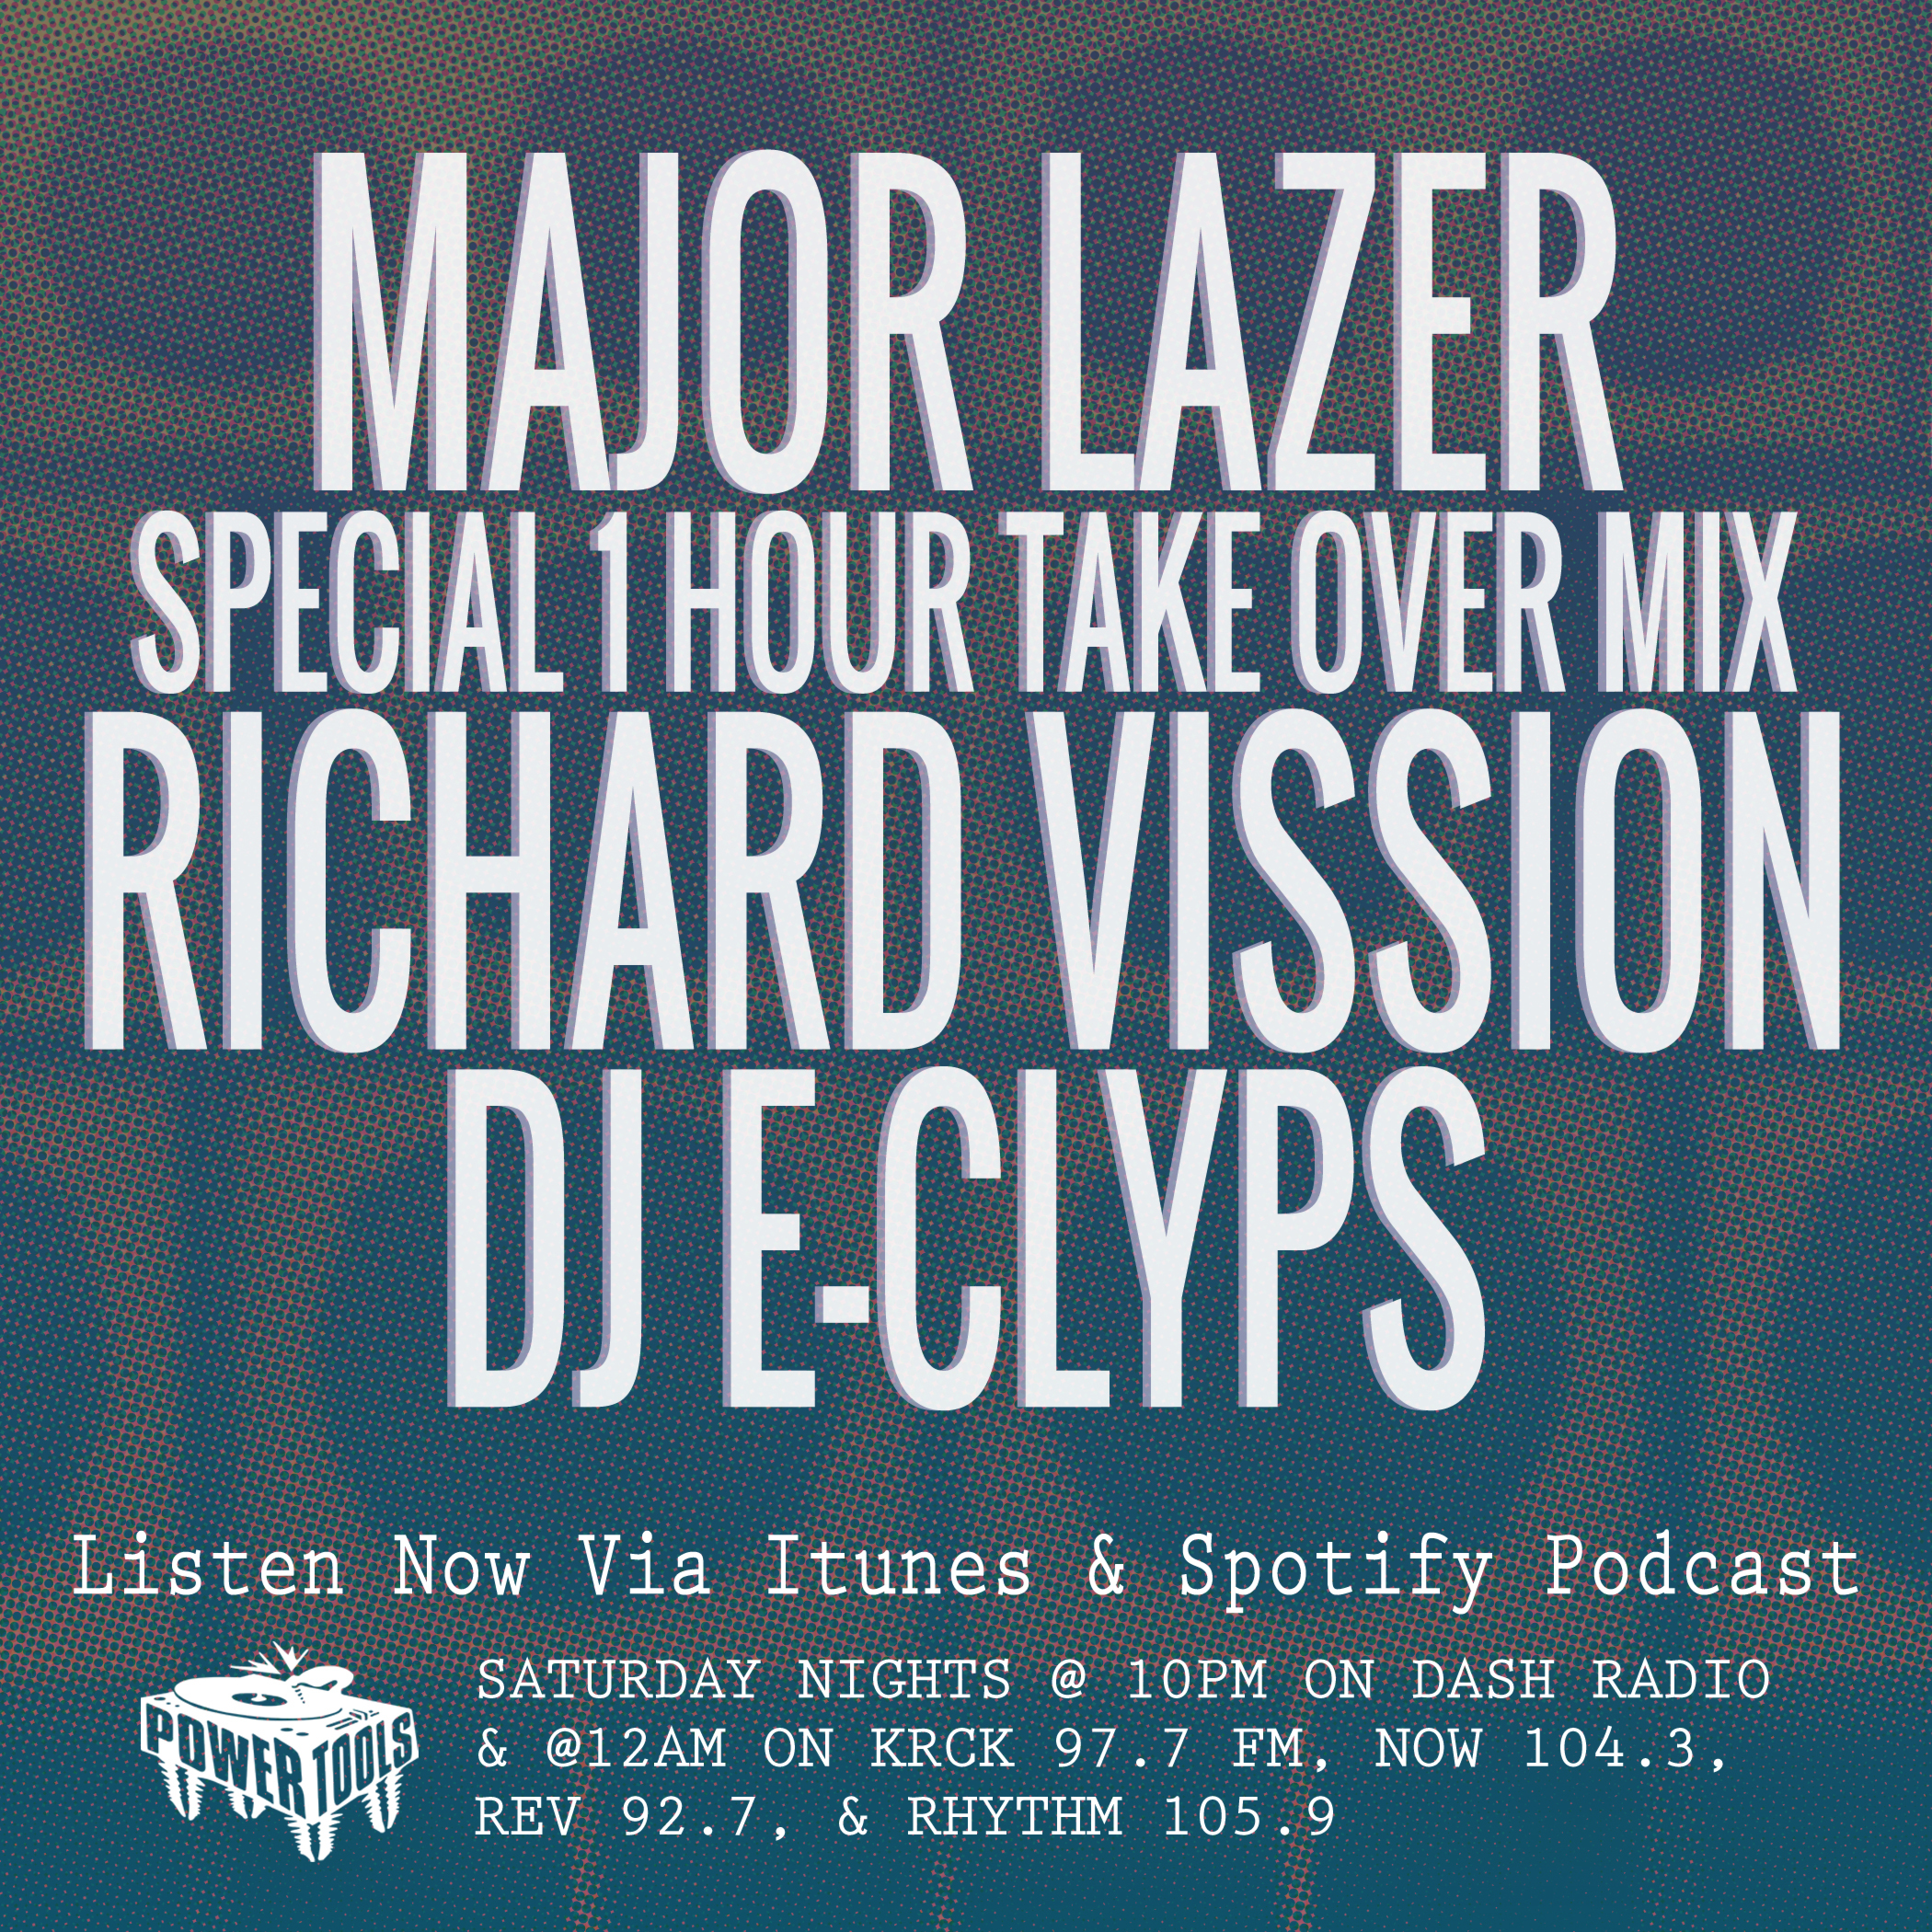 Episode 9-7-19 Ft: Major Lazer (1 Hour Mix), Richard Vission